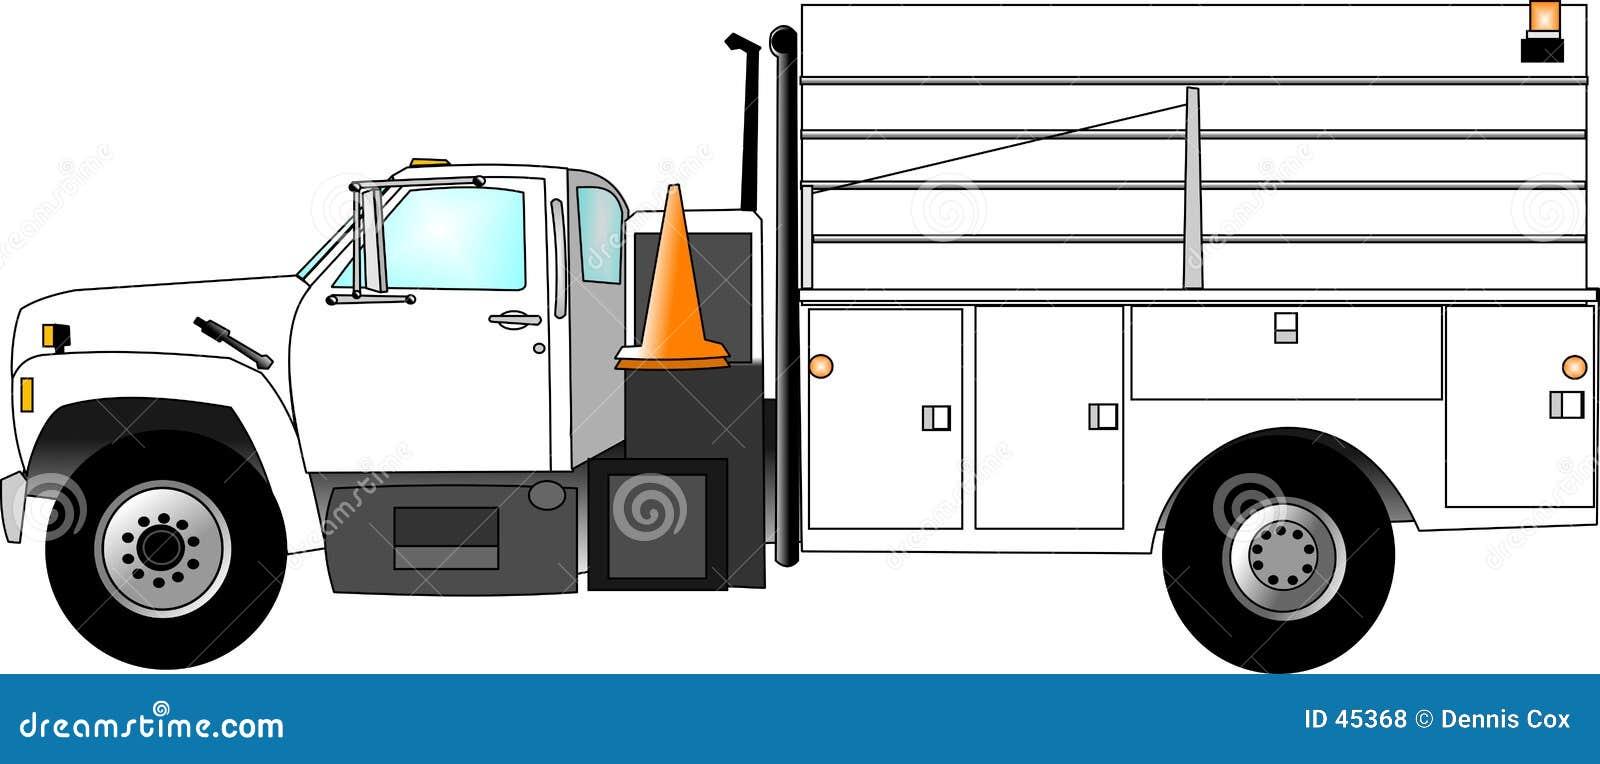 Ekipa remontowa ciężarówka.